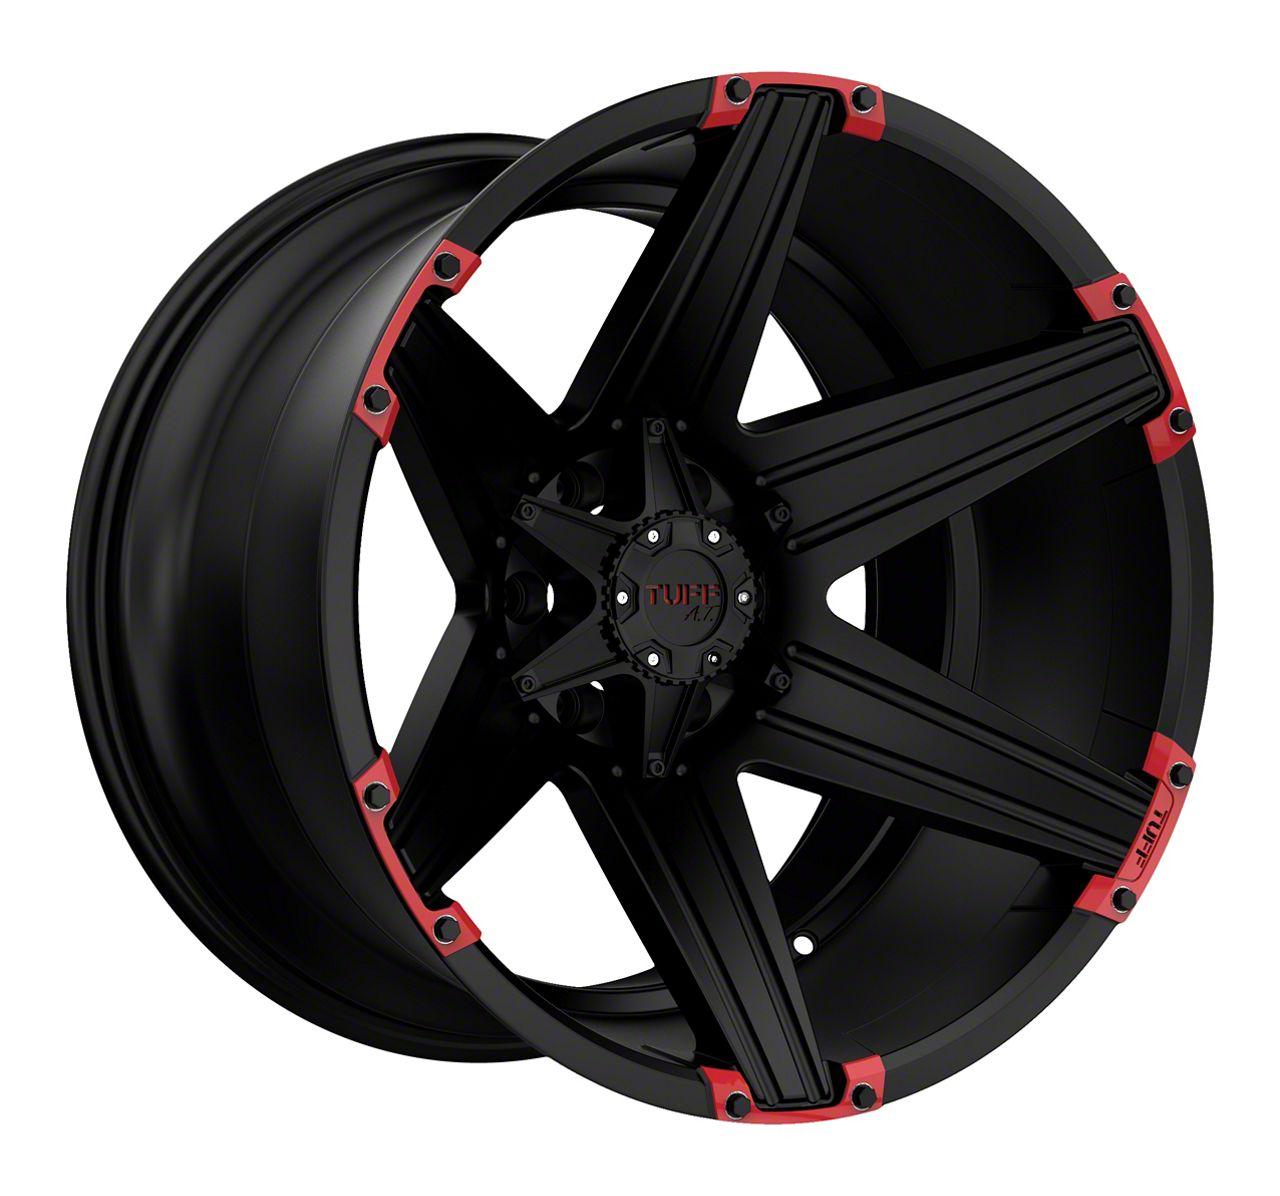 Tuff A.T. T12 Satin Black w/ Red Inserts Wheel - 20x12 (87-06 Jeep Wrangler YJ & TJ)